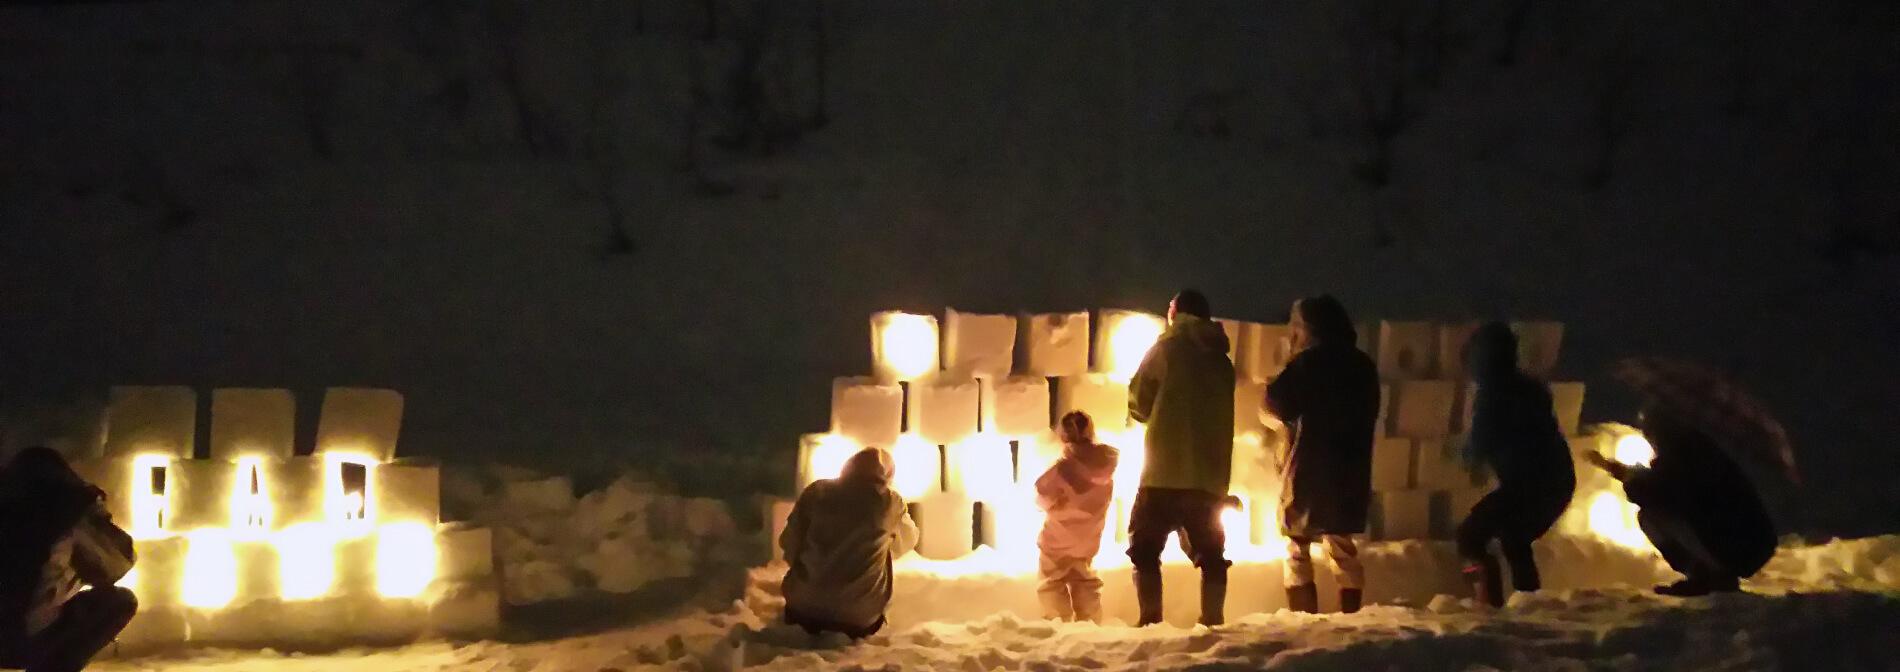 雪ふる里村トップ画像